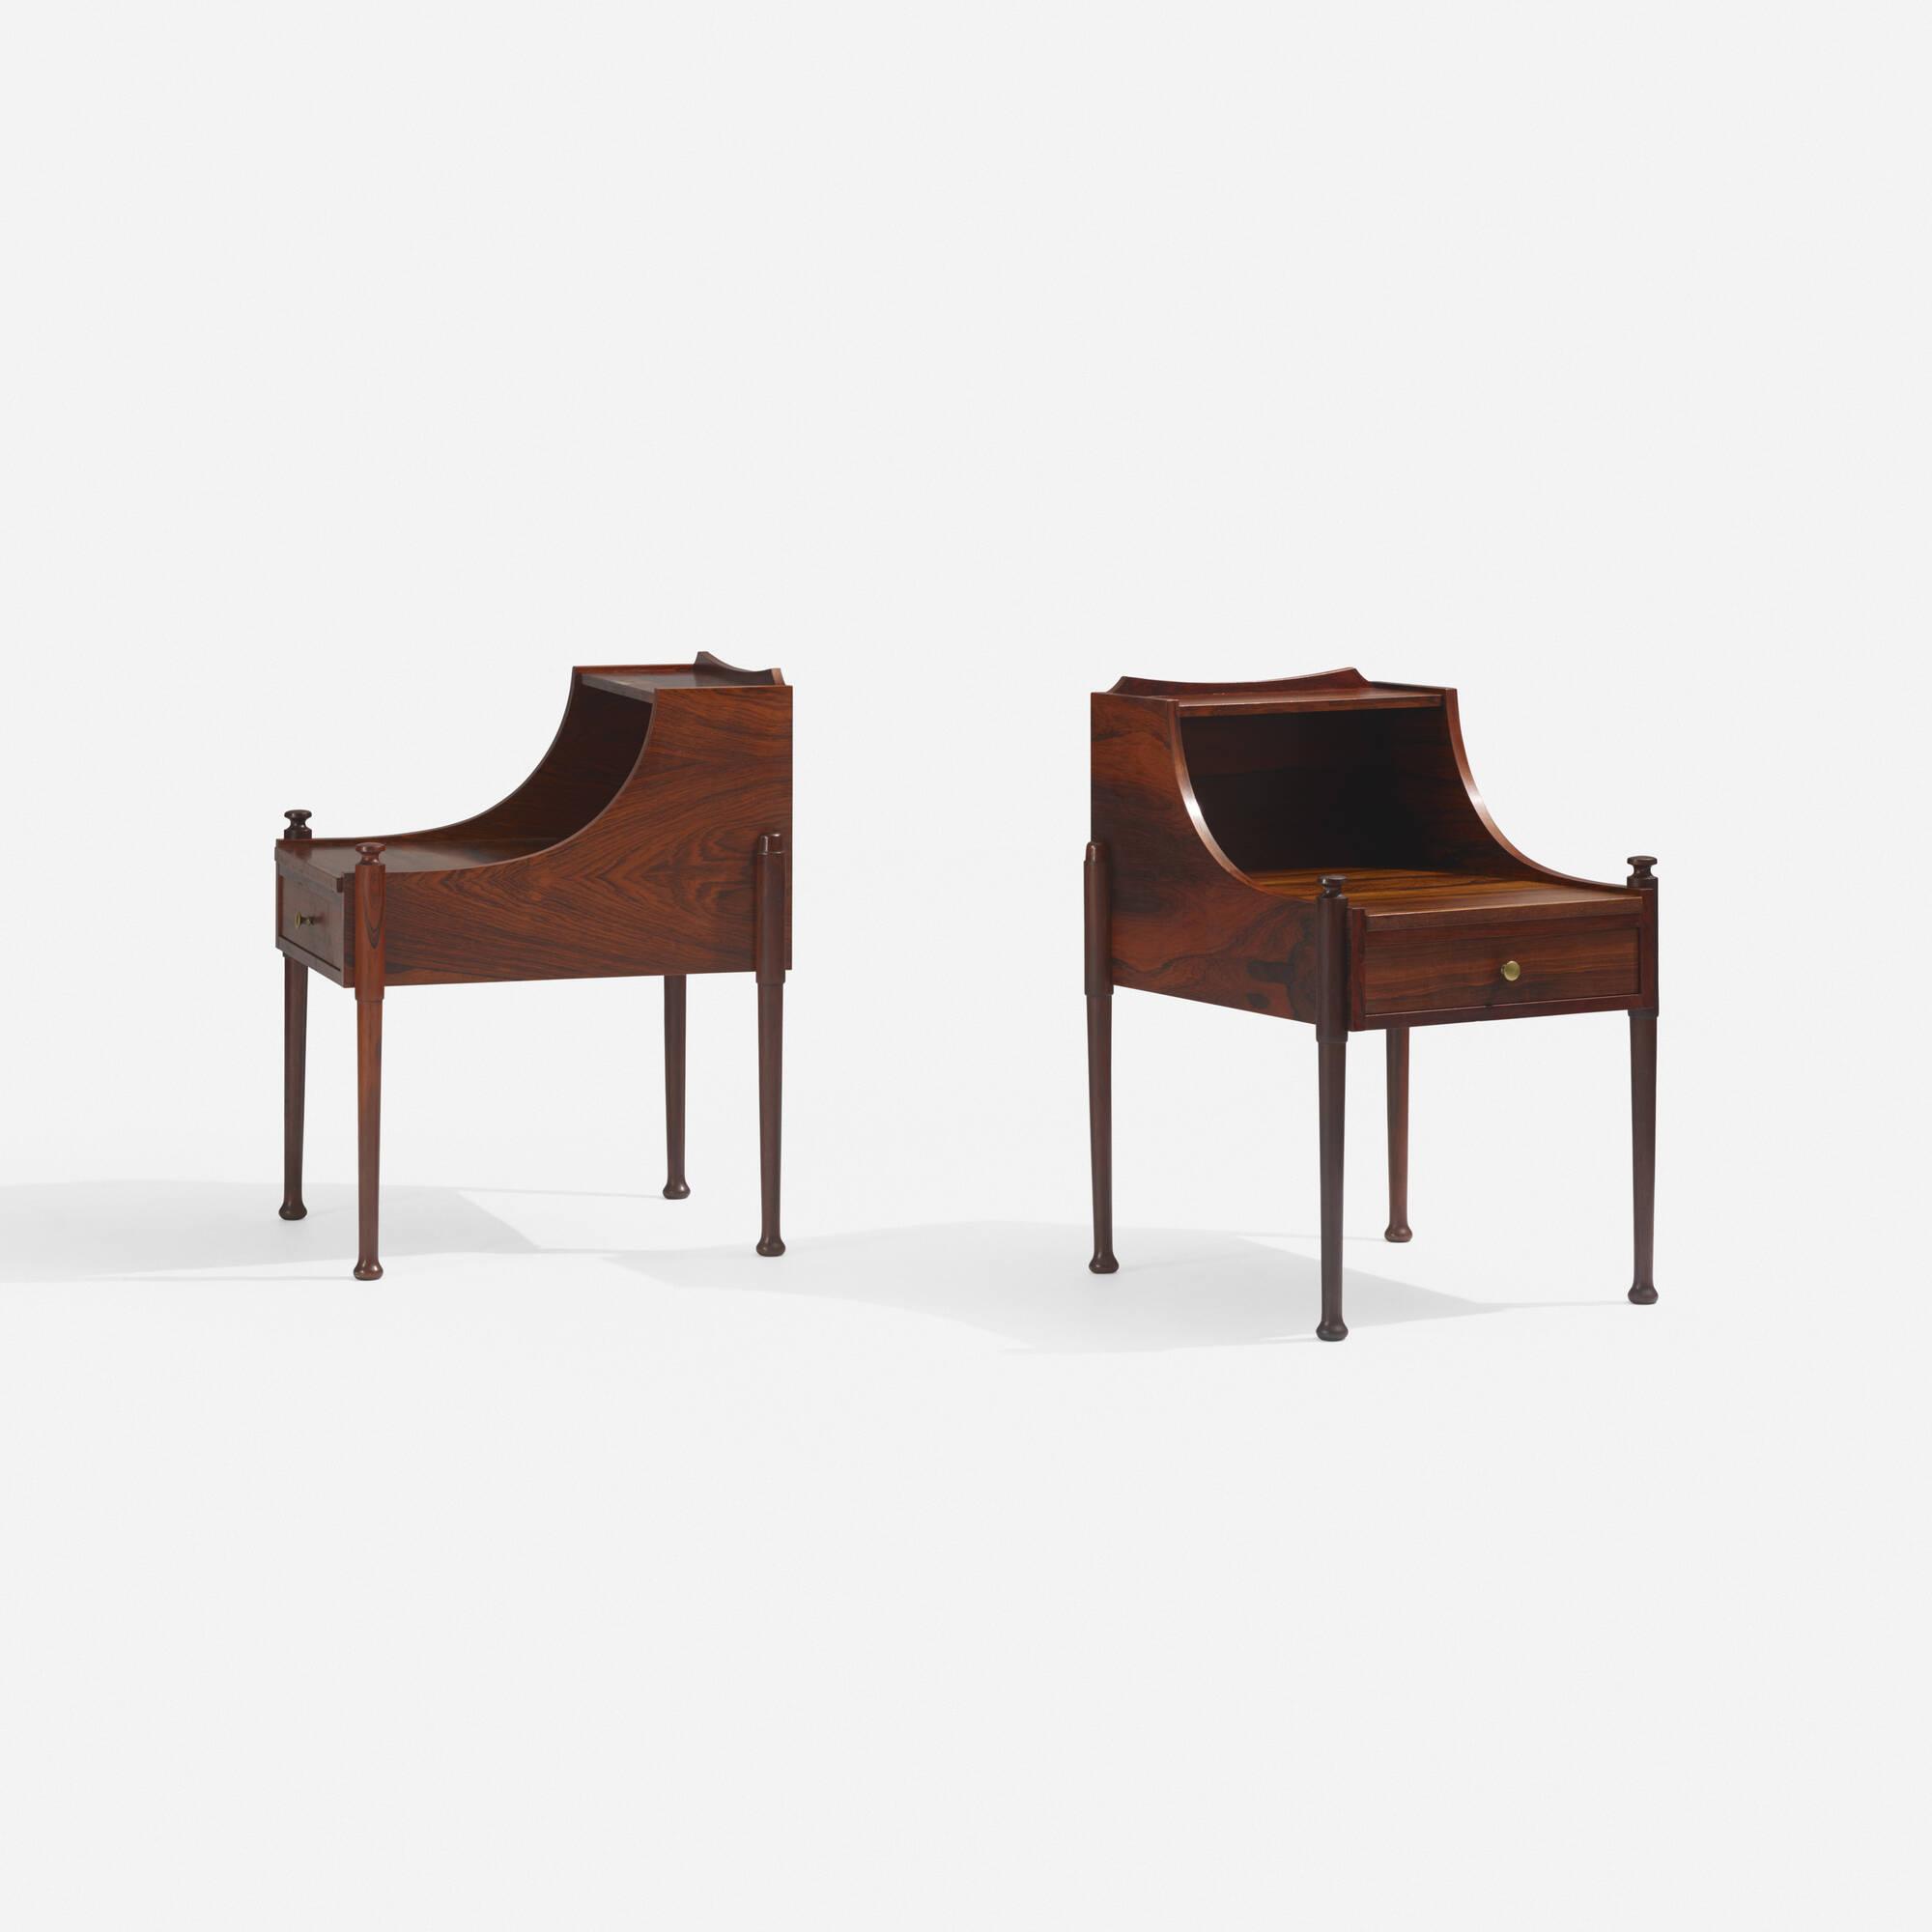 142: Brouer Møbelfabrik / nightstands, pair (2 of 3)